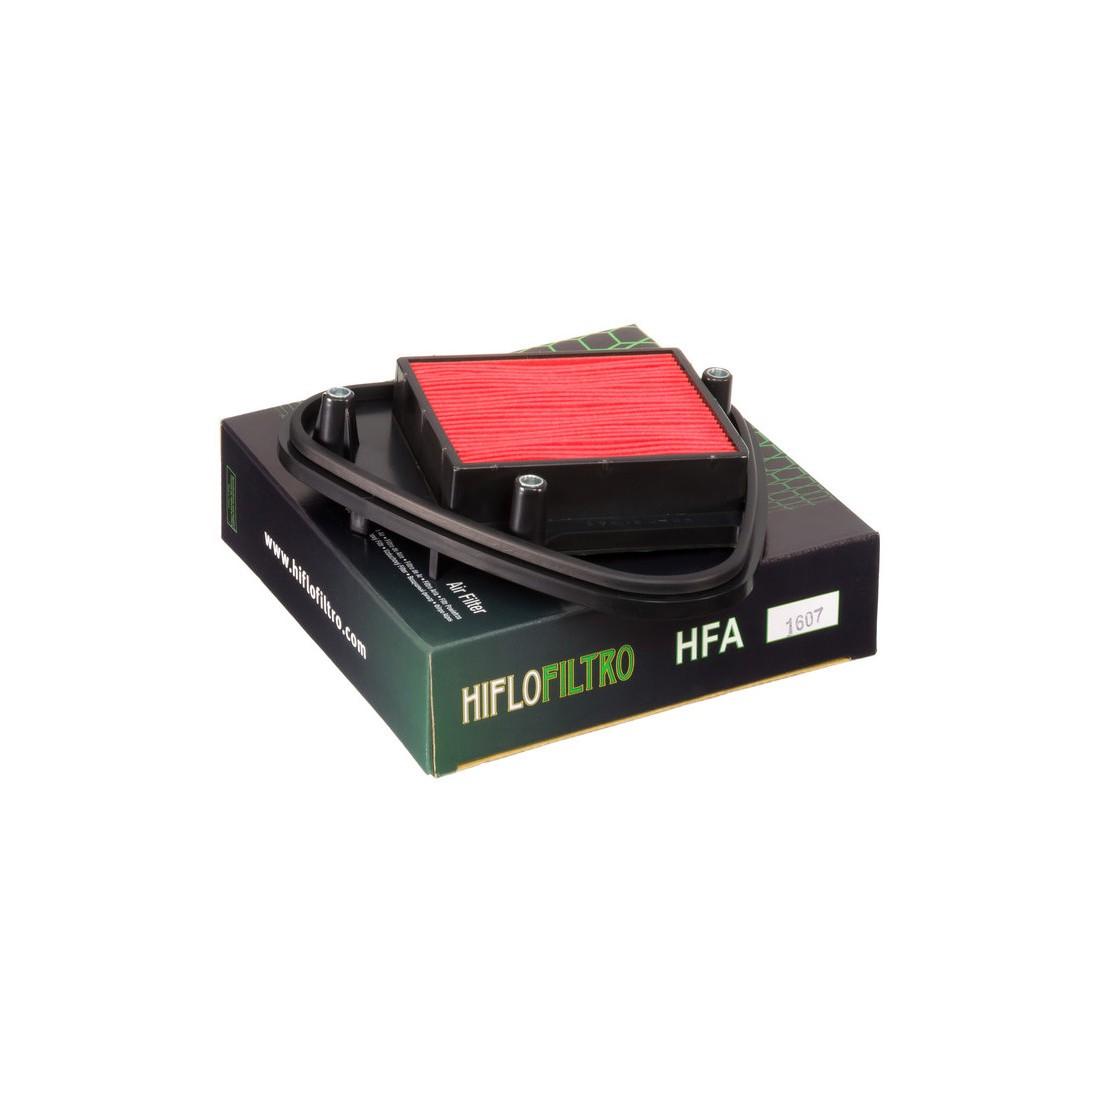 Filtro Aire Hiflofiltro HFA1607